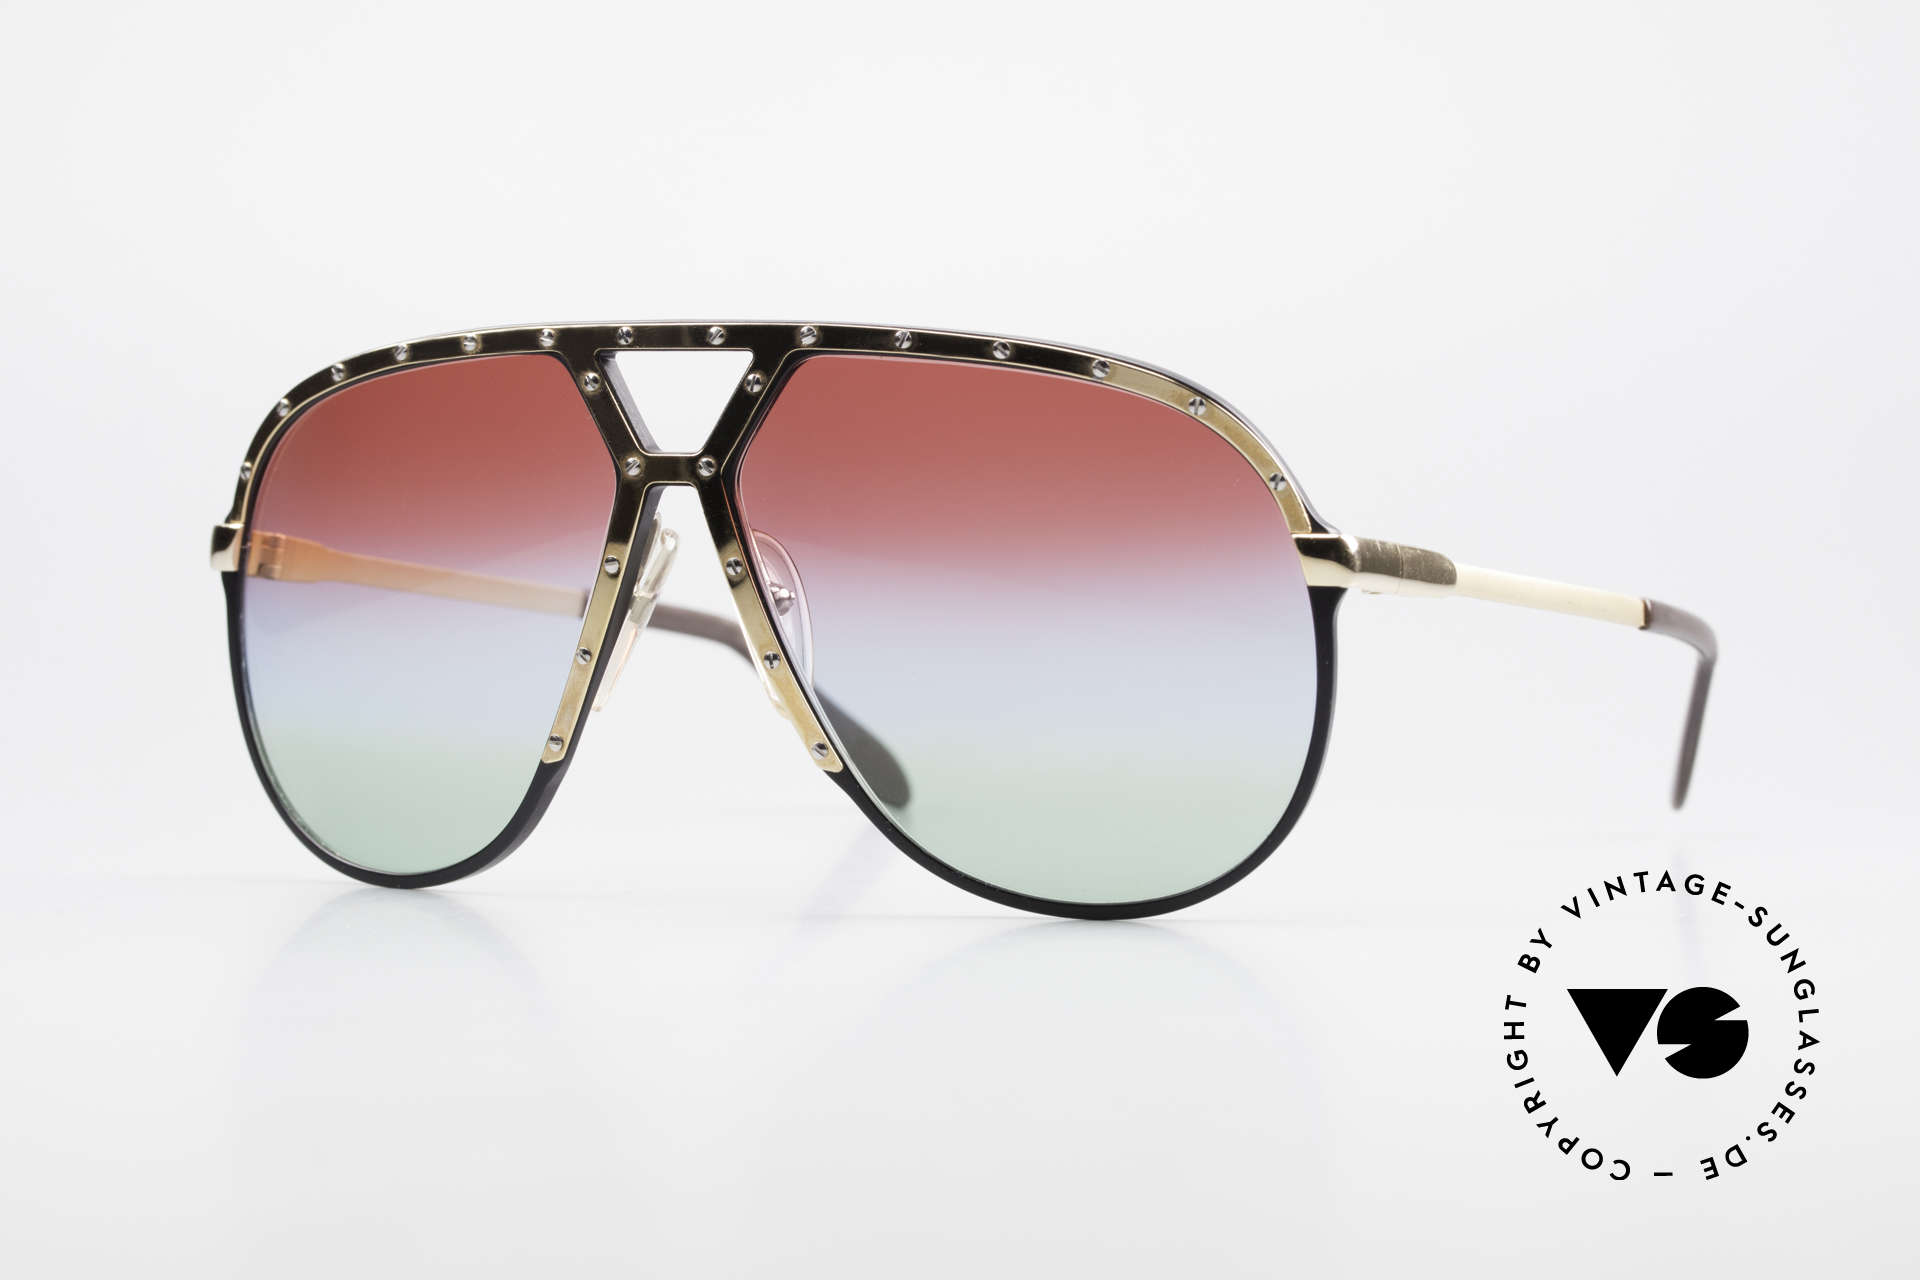 Alpina M1 80er Sonnenbrille Individuell, alte 80er Sonnenbrille, Alpina M1, West Germany, Passend für Herren